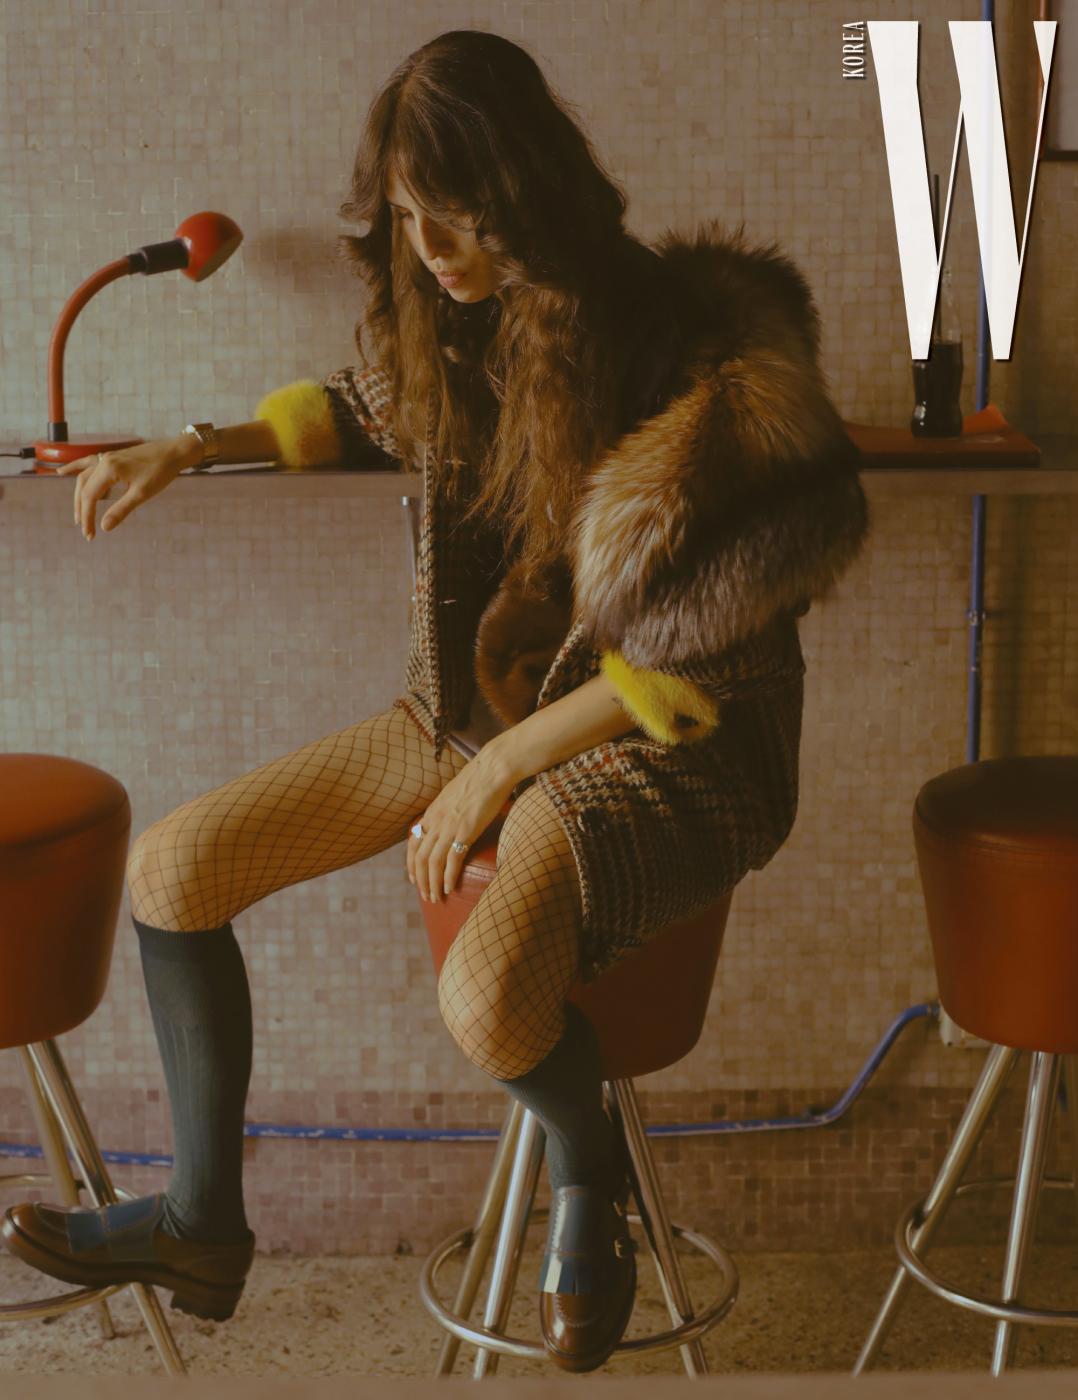 노란 퍼 트리밍 장식 체크 재킷, 갈색 퍼 크로스백은 Simonetta Ravizza 제품. 로퍼는 Fratelli Rossetti 제품. 서티 세컨드 투 마스 티셔츠, 쇼츠, 삭스는 모두 스타일리스트 소장품.